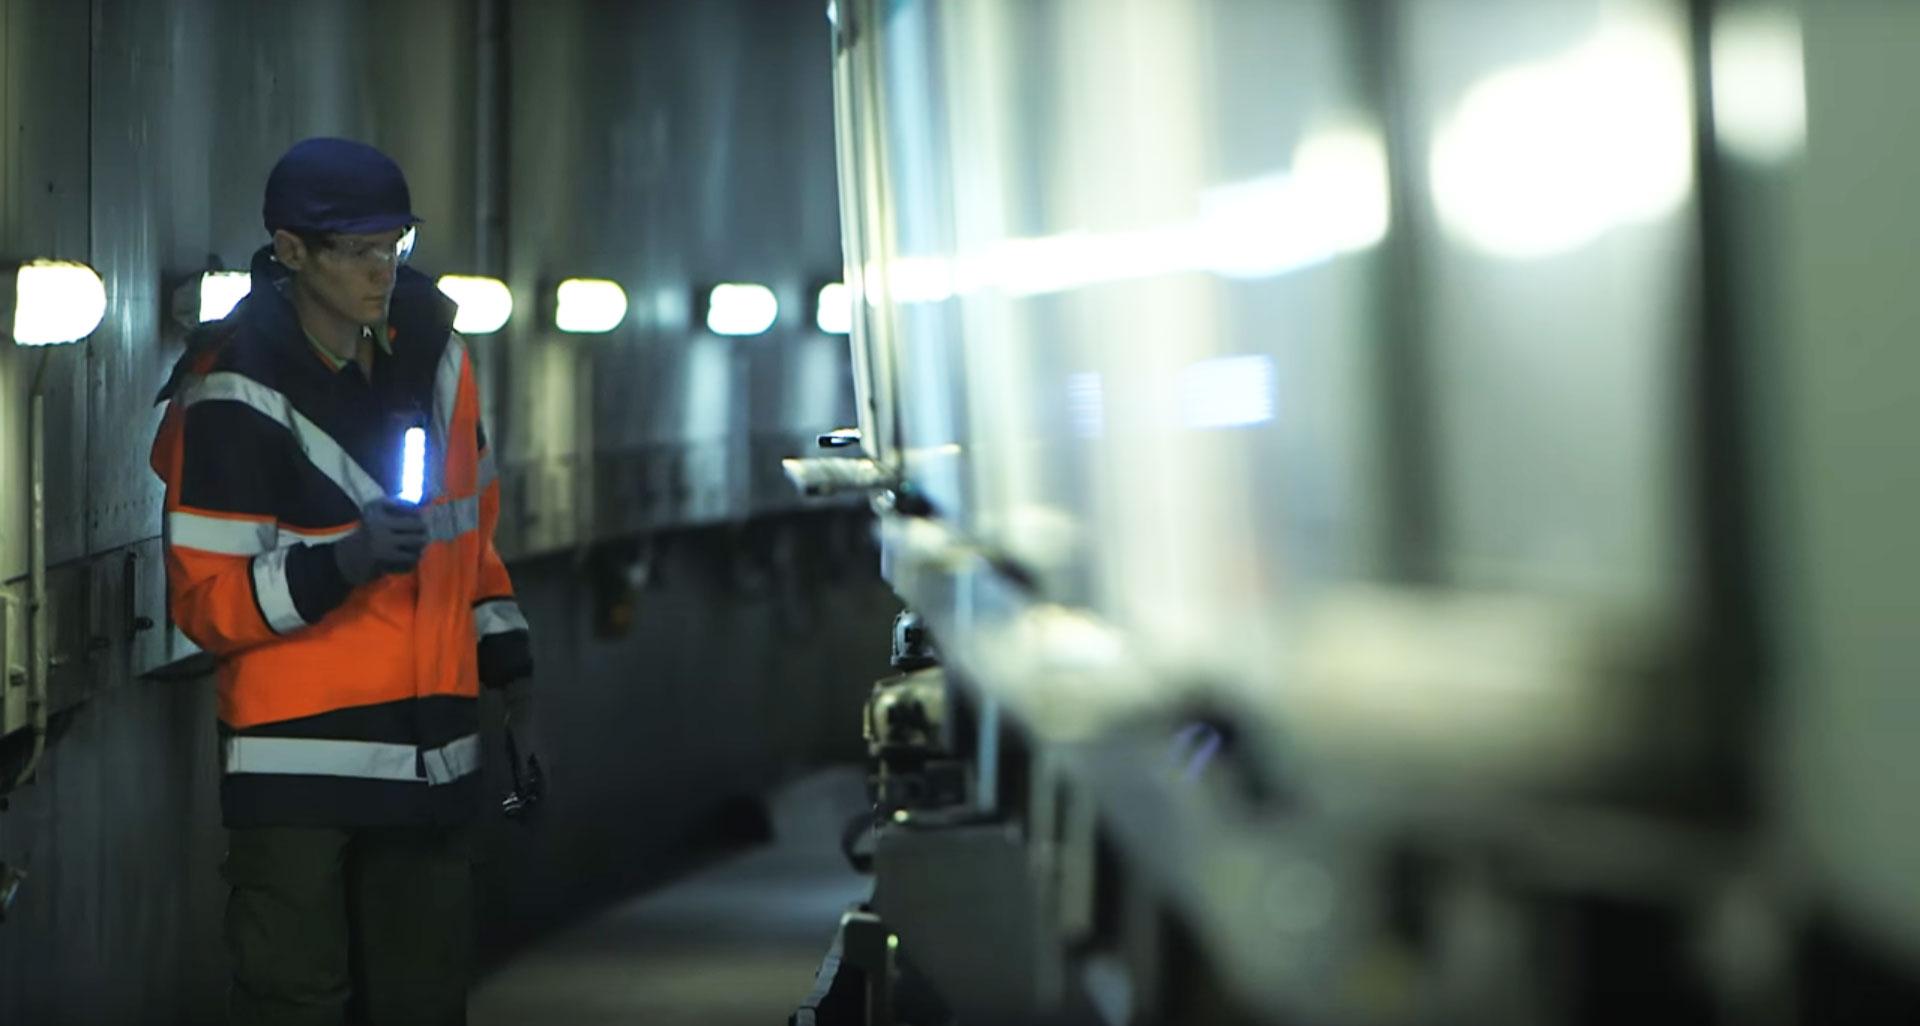 [video] dans les coulisses de la maintenance de la RATP